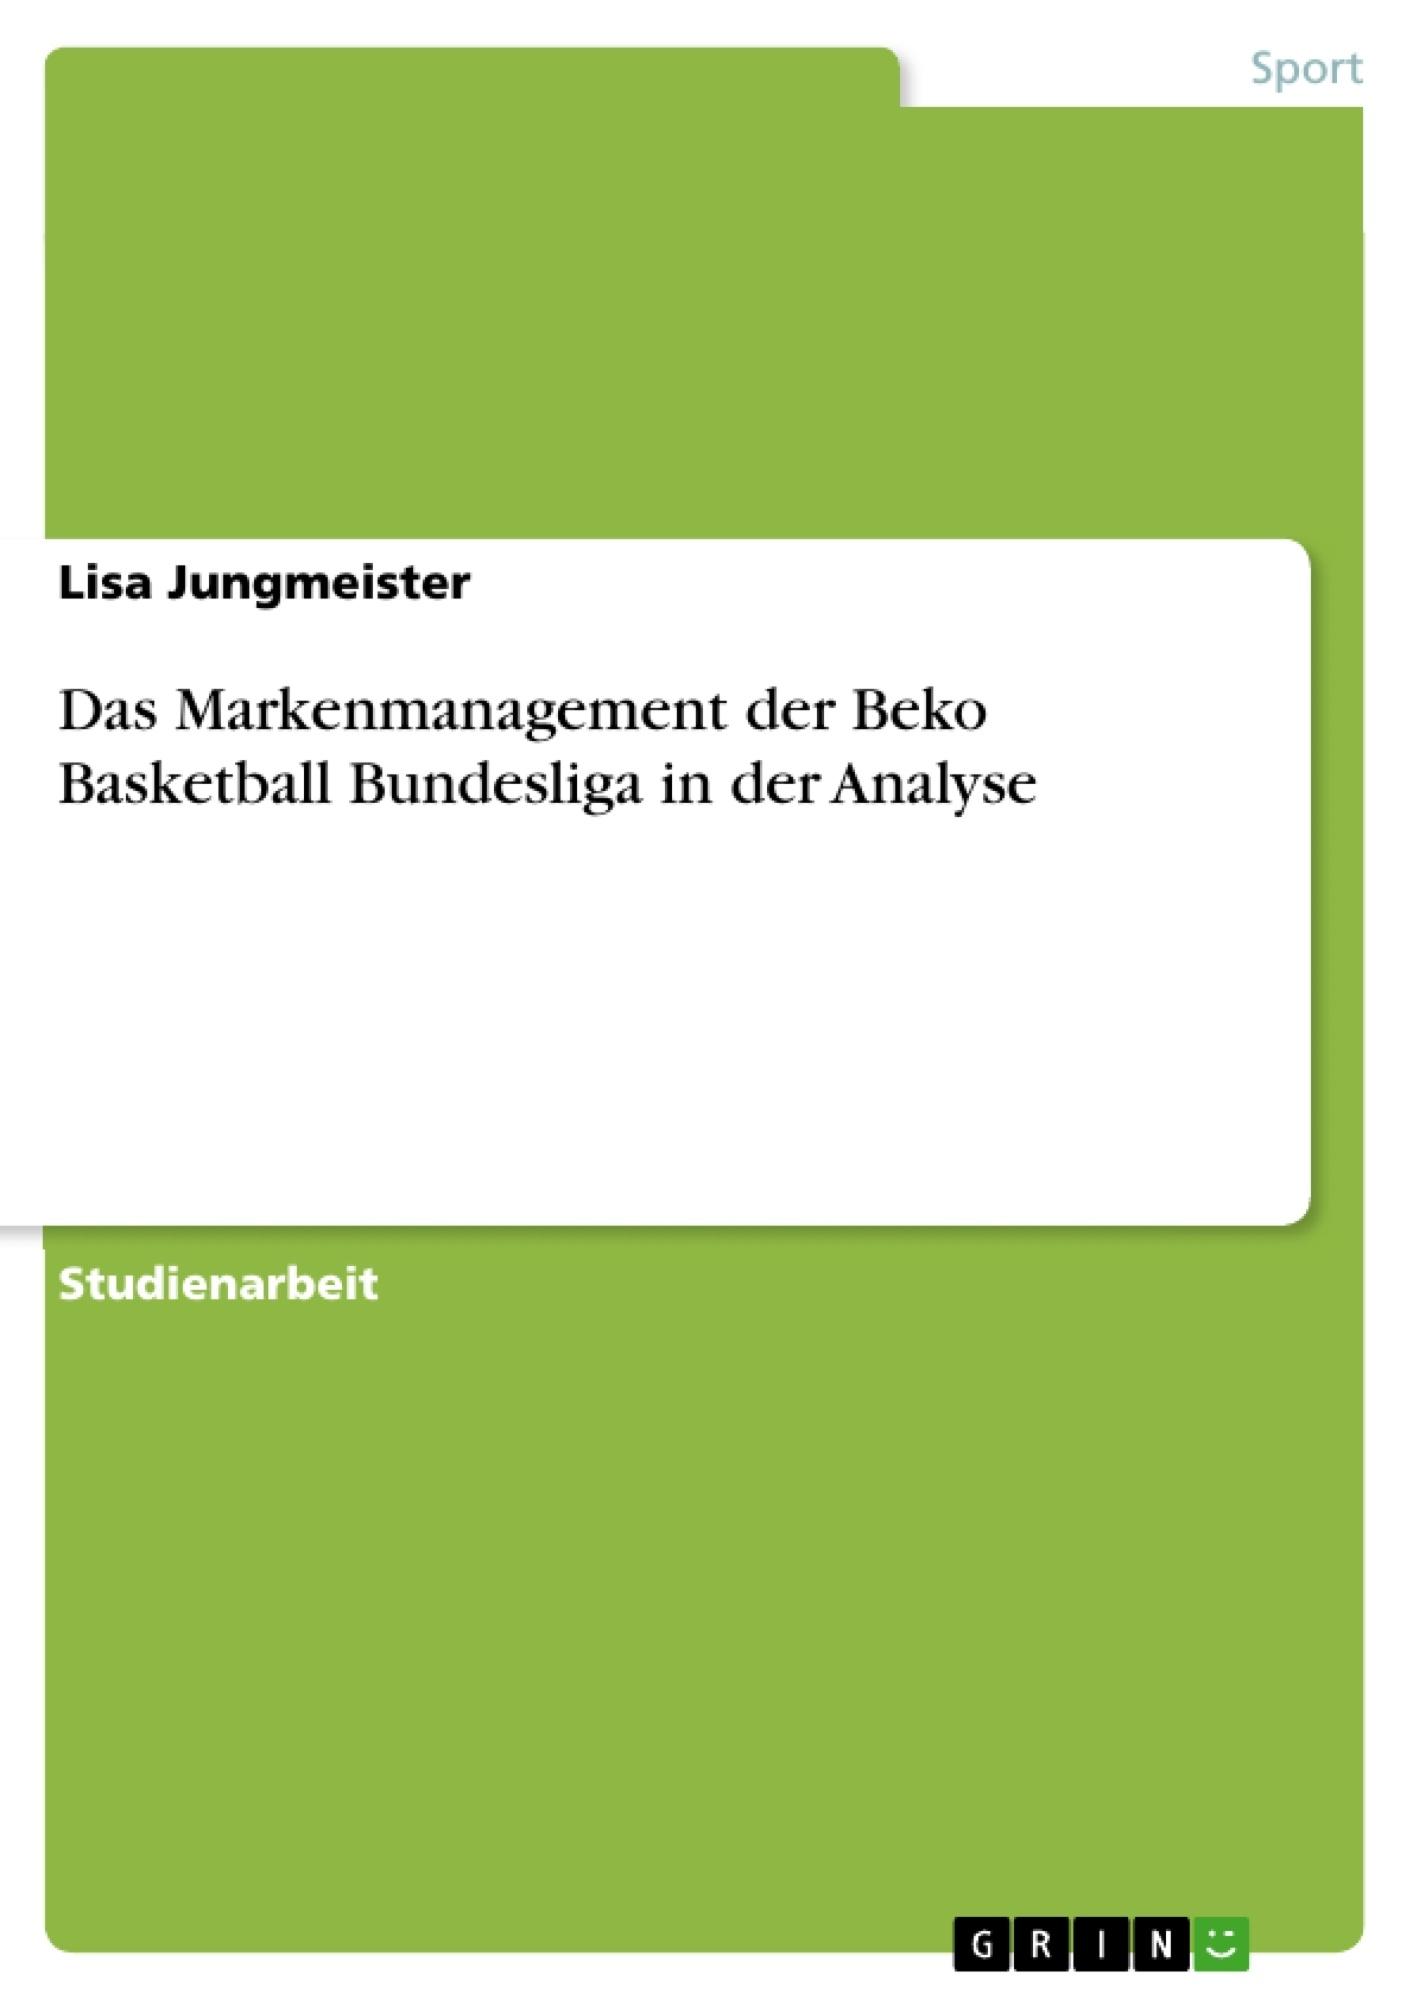 Titel: Das Markenmanagement der Beko Basketball Bundesliga in der Analyse